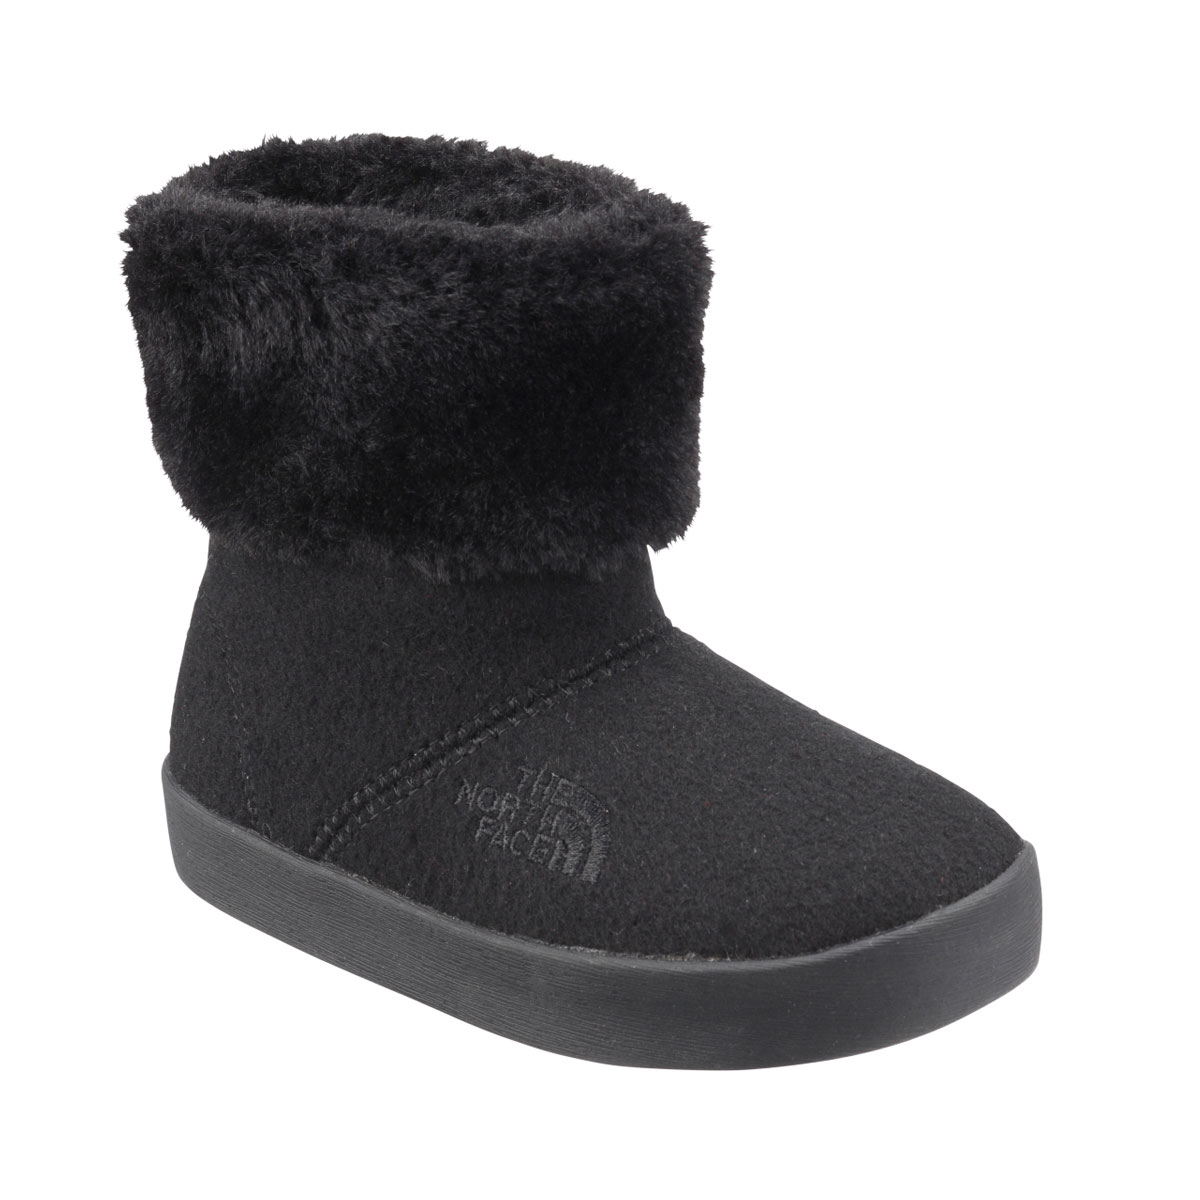 靴, ブーツ THE NORTH FACE K WINTER WOOL CAMP BOOTIE(KKTNF)( )18FW-I